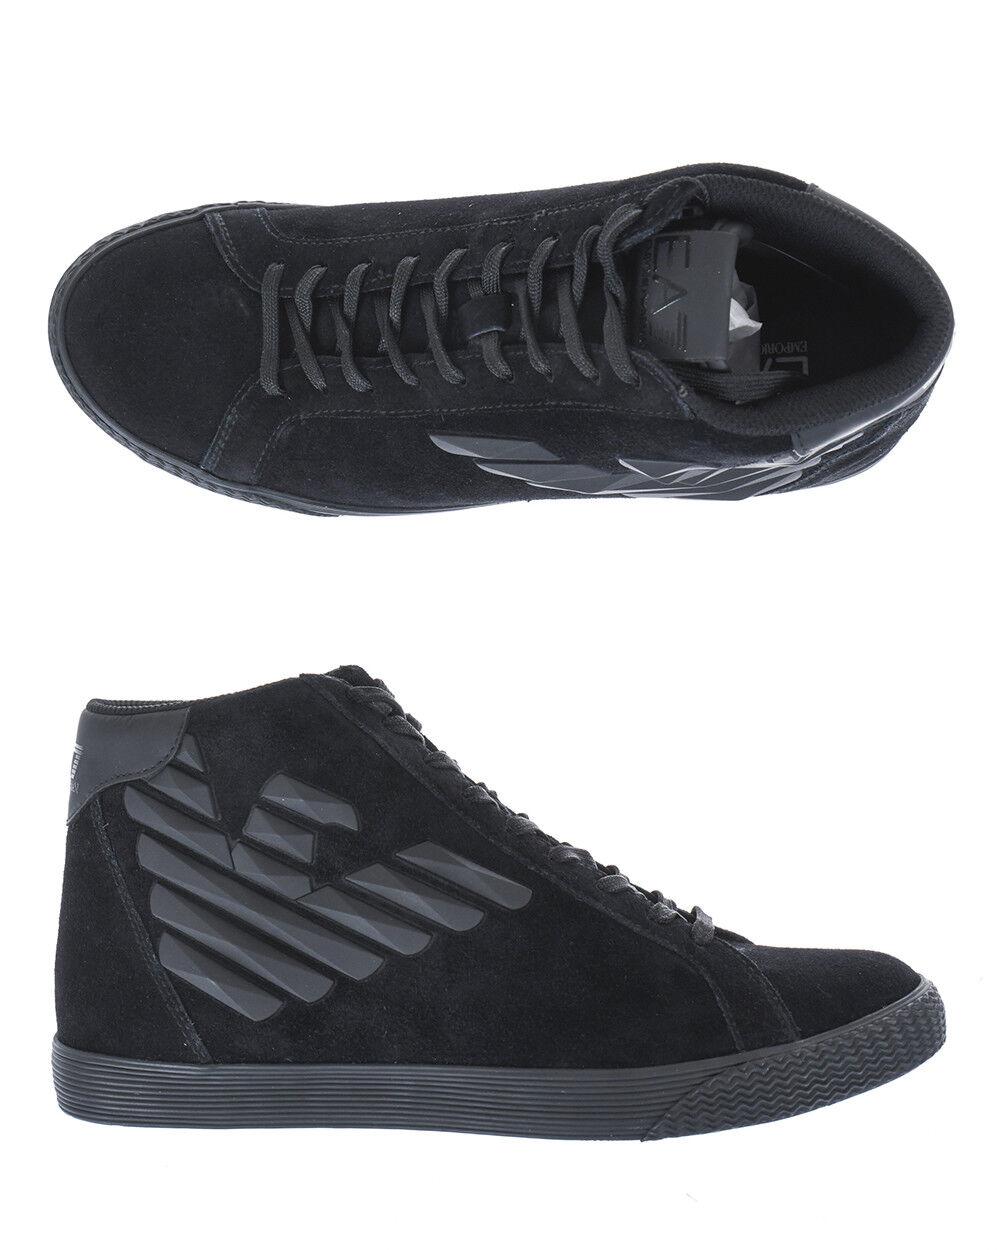 Stivaletti schuhe Emporio Armani Ea7 Ankle Stiefel Pelle herren schwarz X8Z005XK007 2